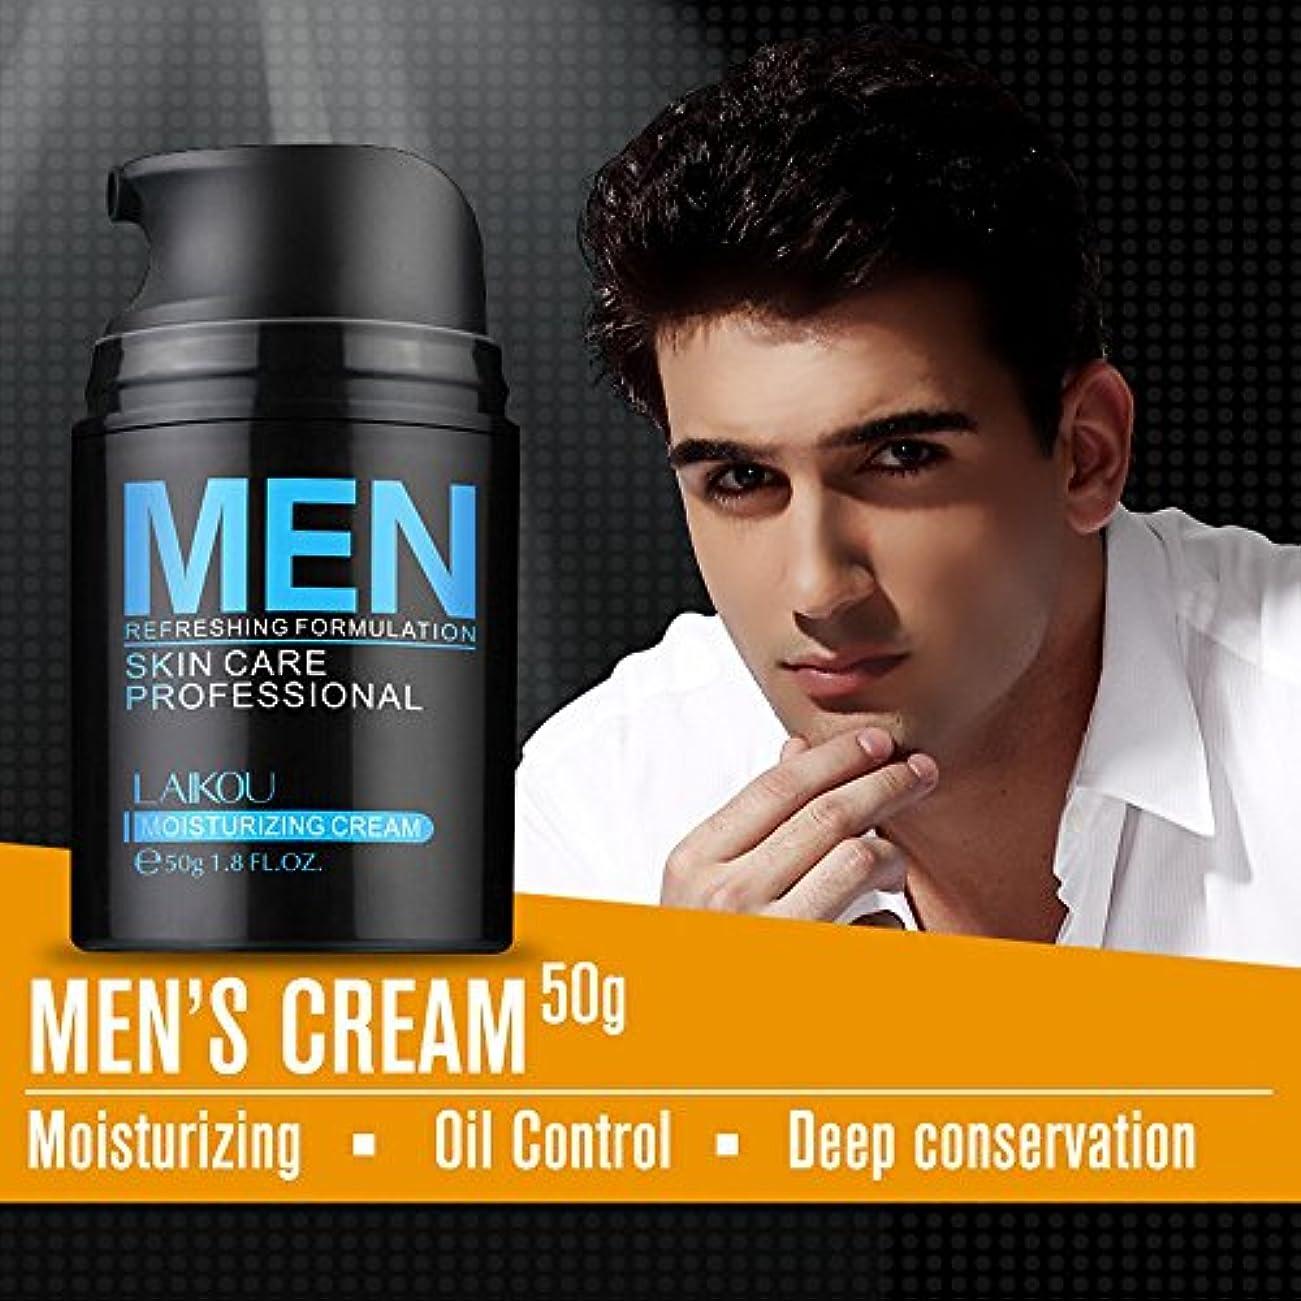 石スロープ影Akane LAIKOU 男子 押す 顔洗い 素敵 水分補給 オイルコントロール 保湿 すがすがしい 角質除去 クレンジング 浄化 使いやすい 洗顔料 アロエクリーム